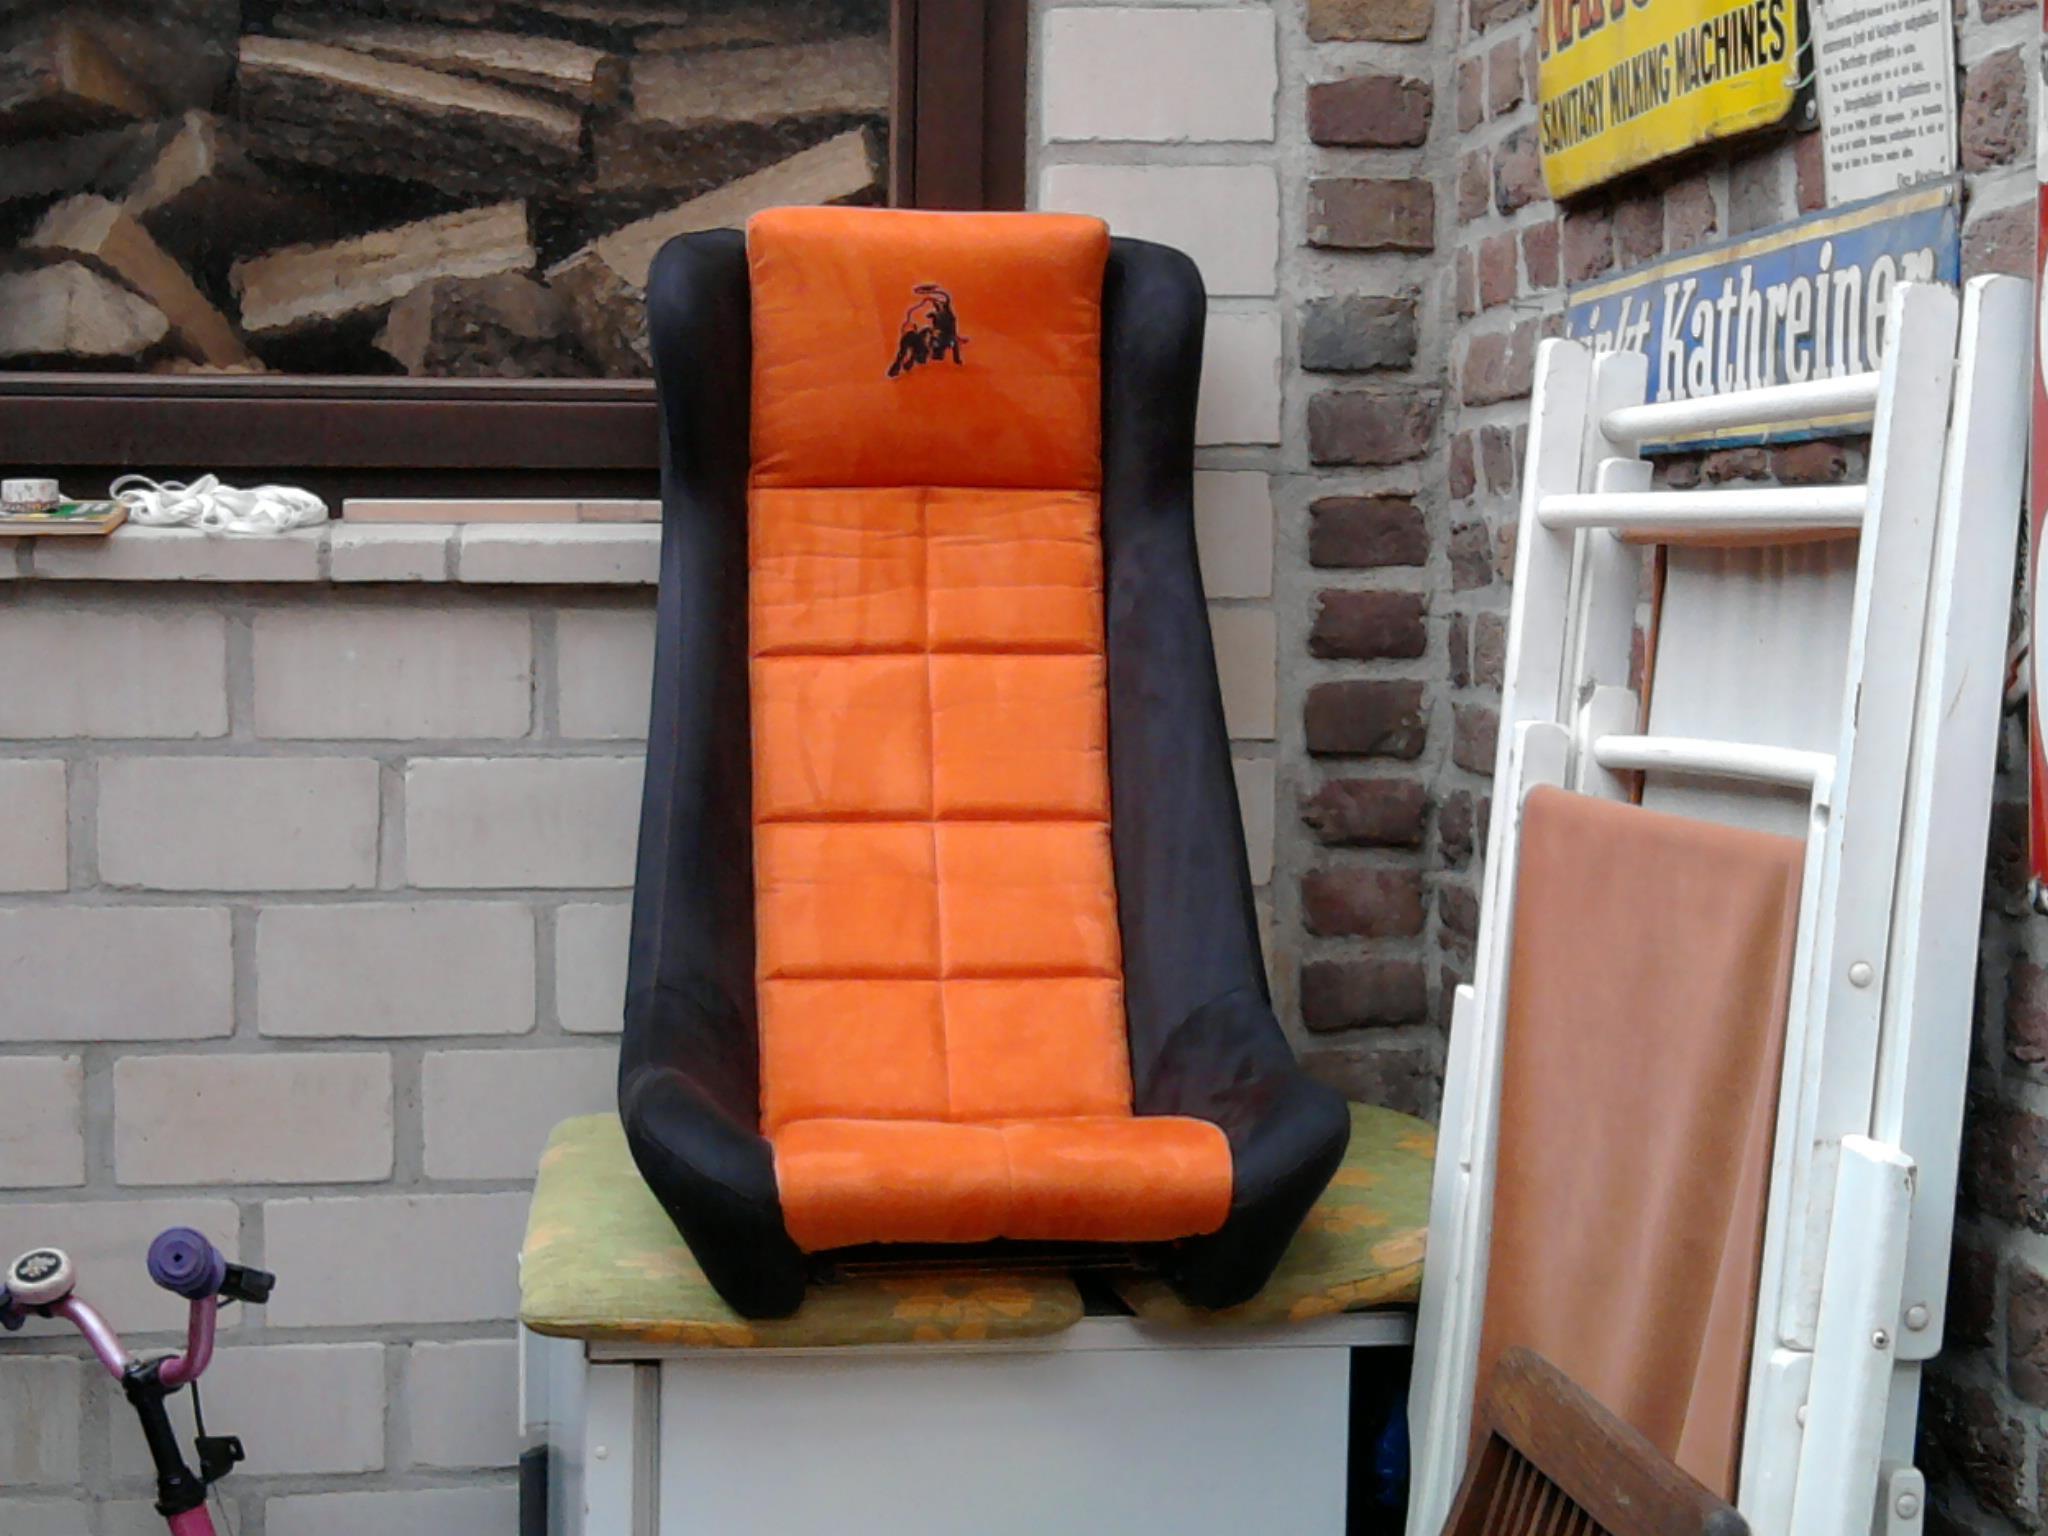 Lamborghini Sitze Spezialanfertigung